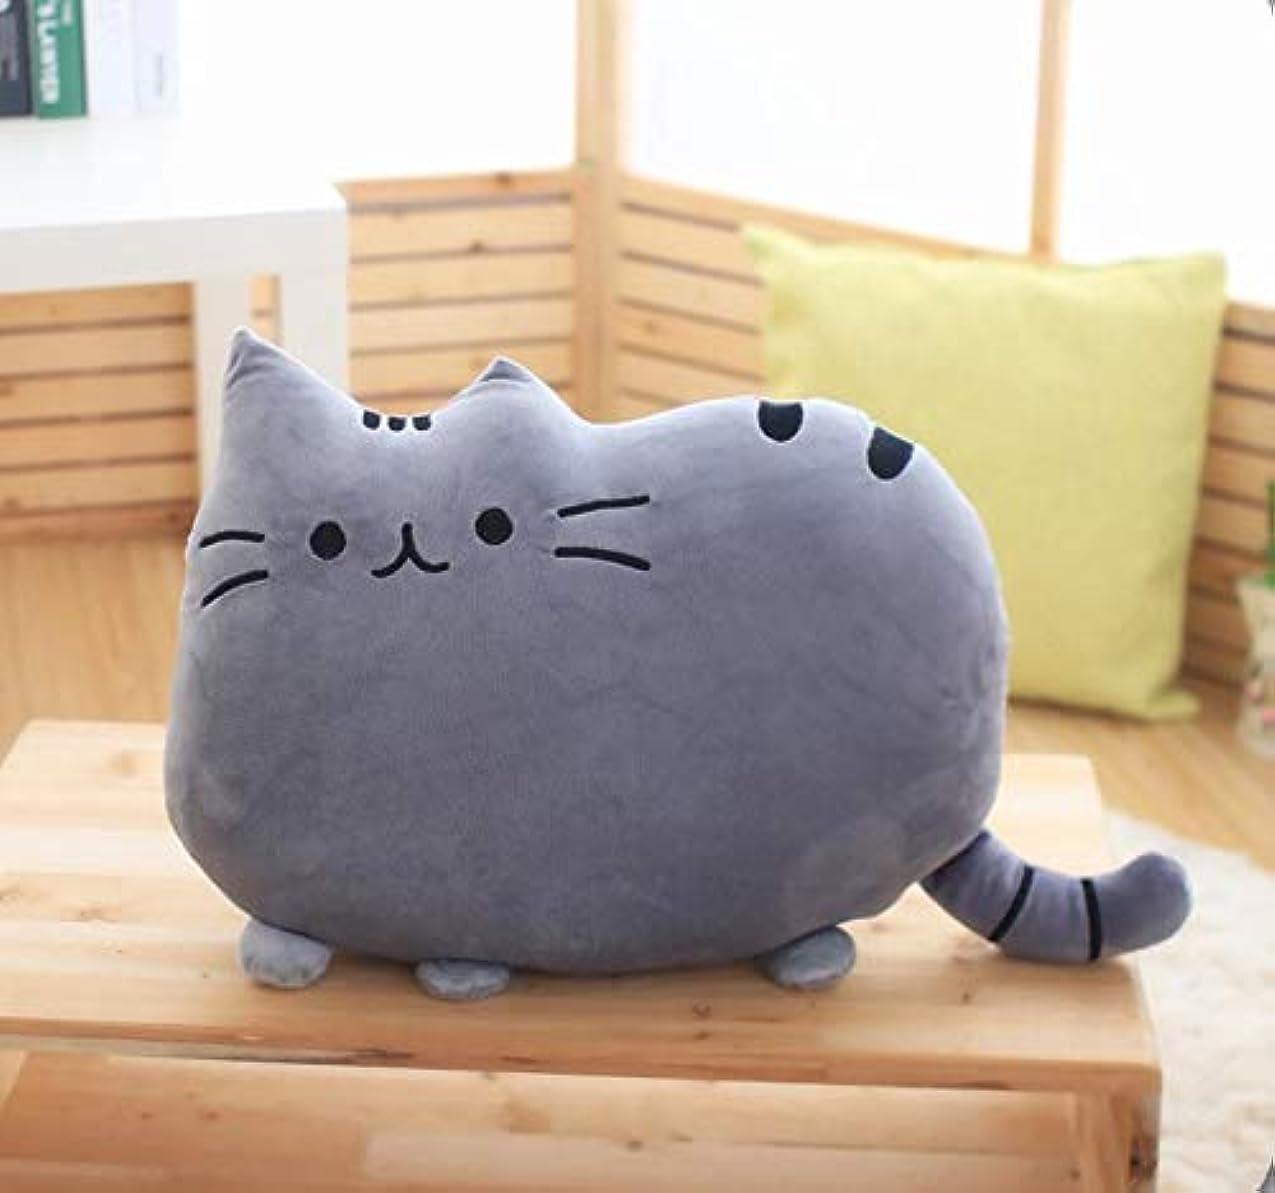 サスティーンボーナス無限大LIFE8 色かわいい脂肪猫ベビーぬいぐるみ 20/40 センチメートル枕人形子供のための高品質ソフトクッション綿 Brinquedos 子供のためのギフトクッション 椅子